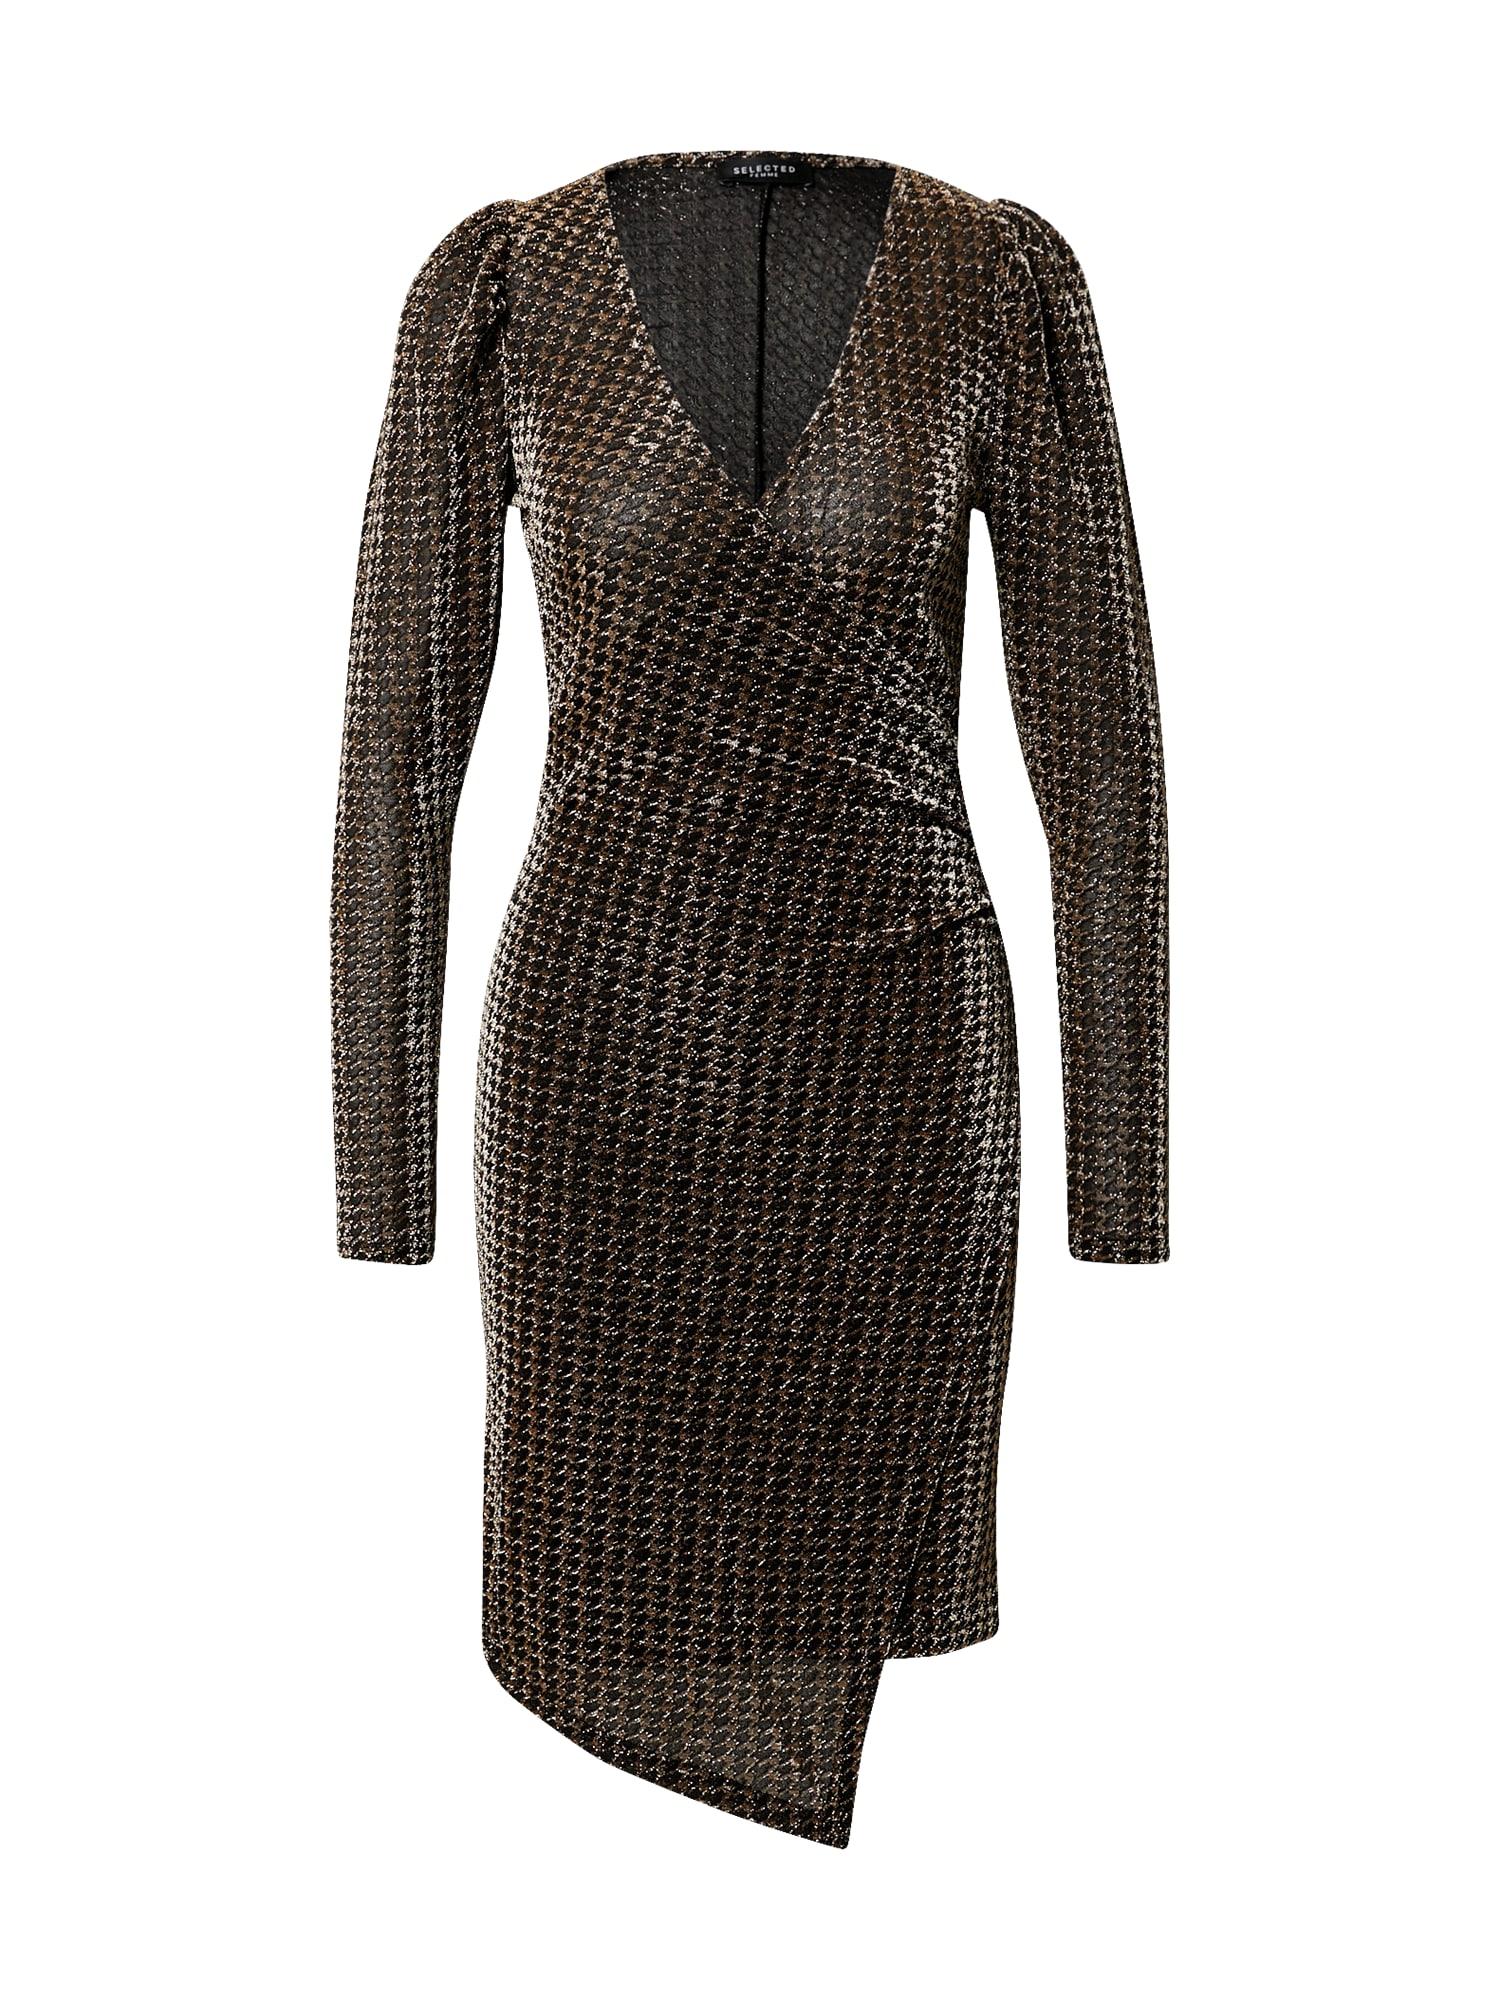 SELECTED FEMME Šaty 'Petra'  bronzová / černá